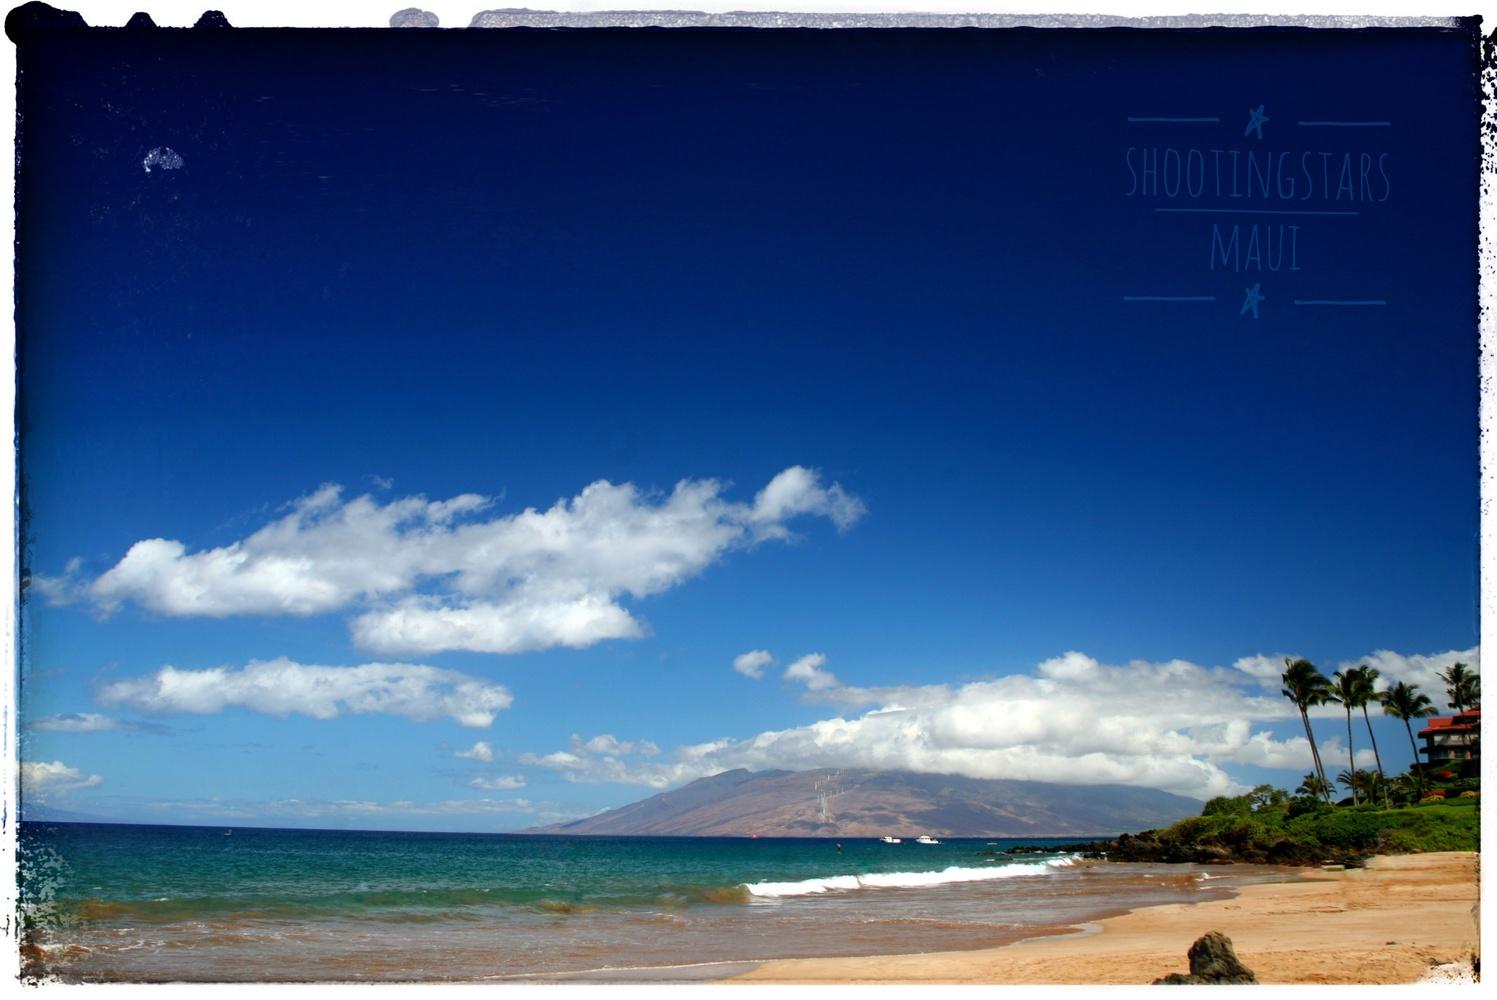 POLO BEACH MAUI by ShootingStars Maui